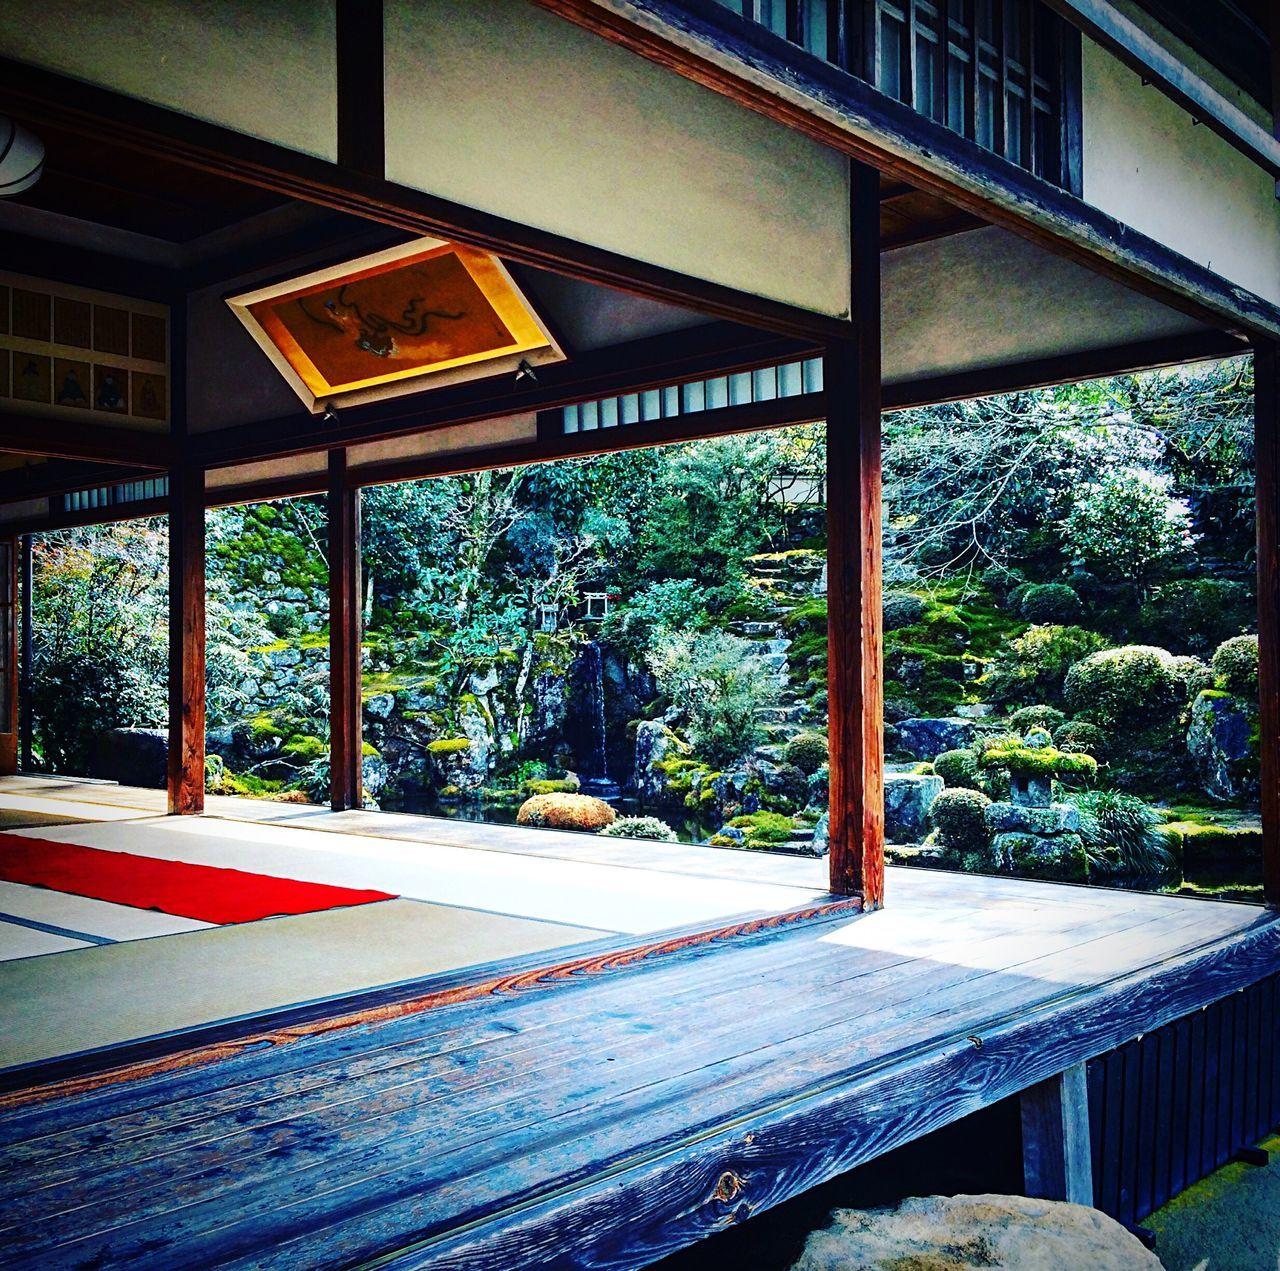 実光院 大原 京都 Kyoto 寺社仏閣 Relaxing